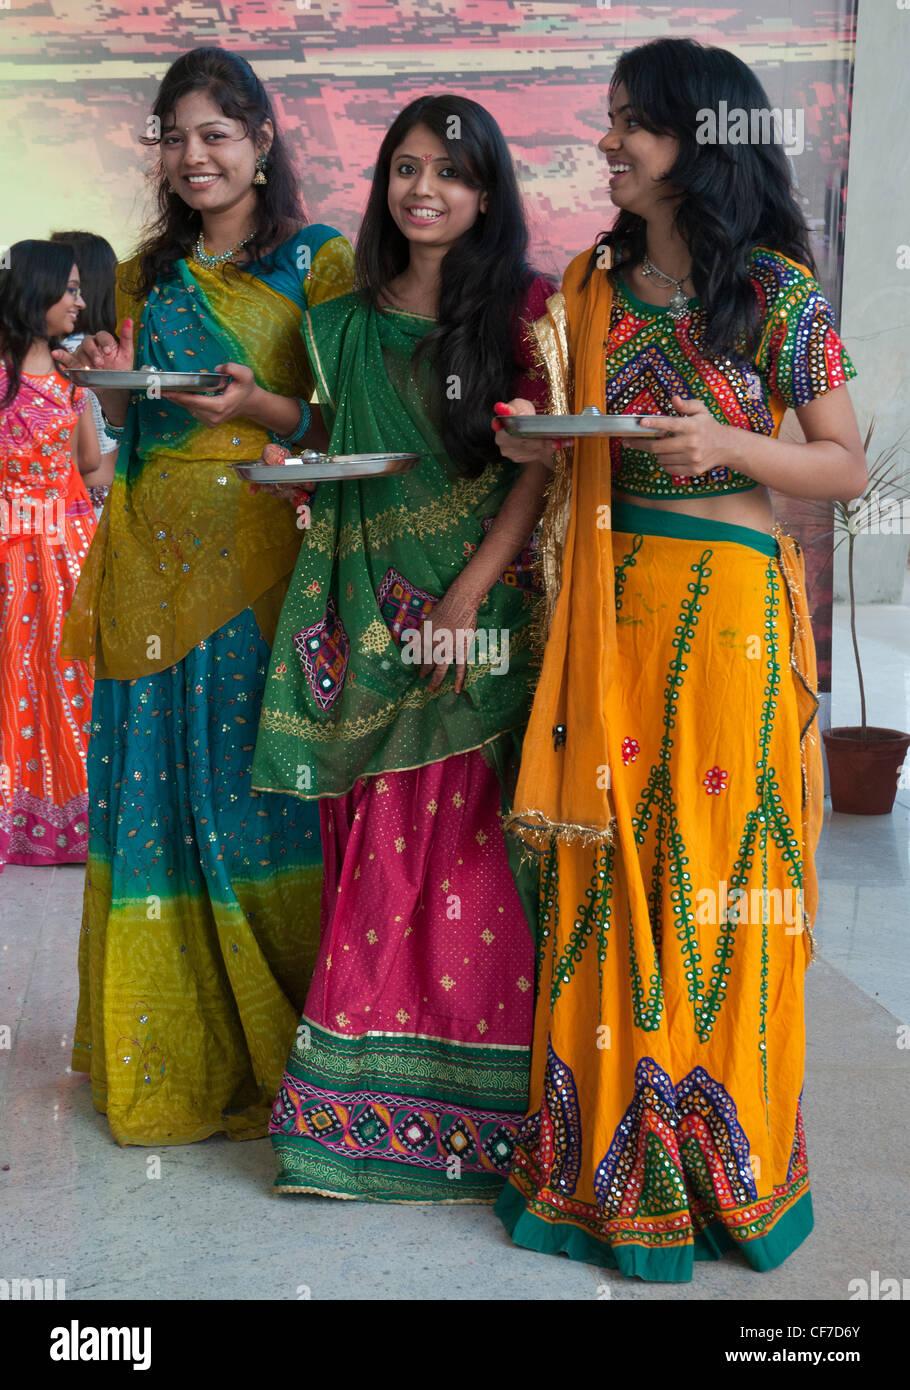 Gujarati women picture